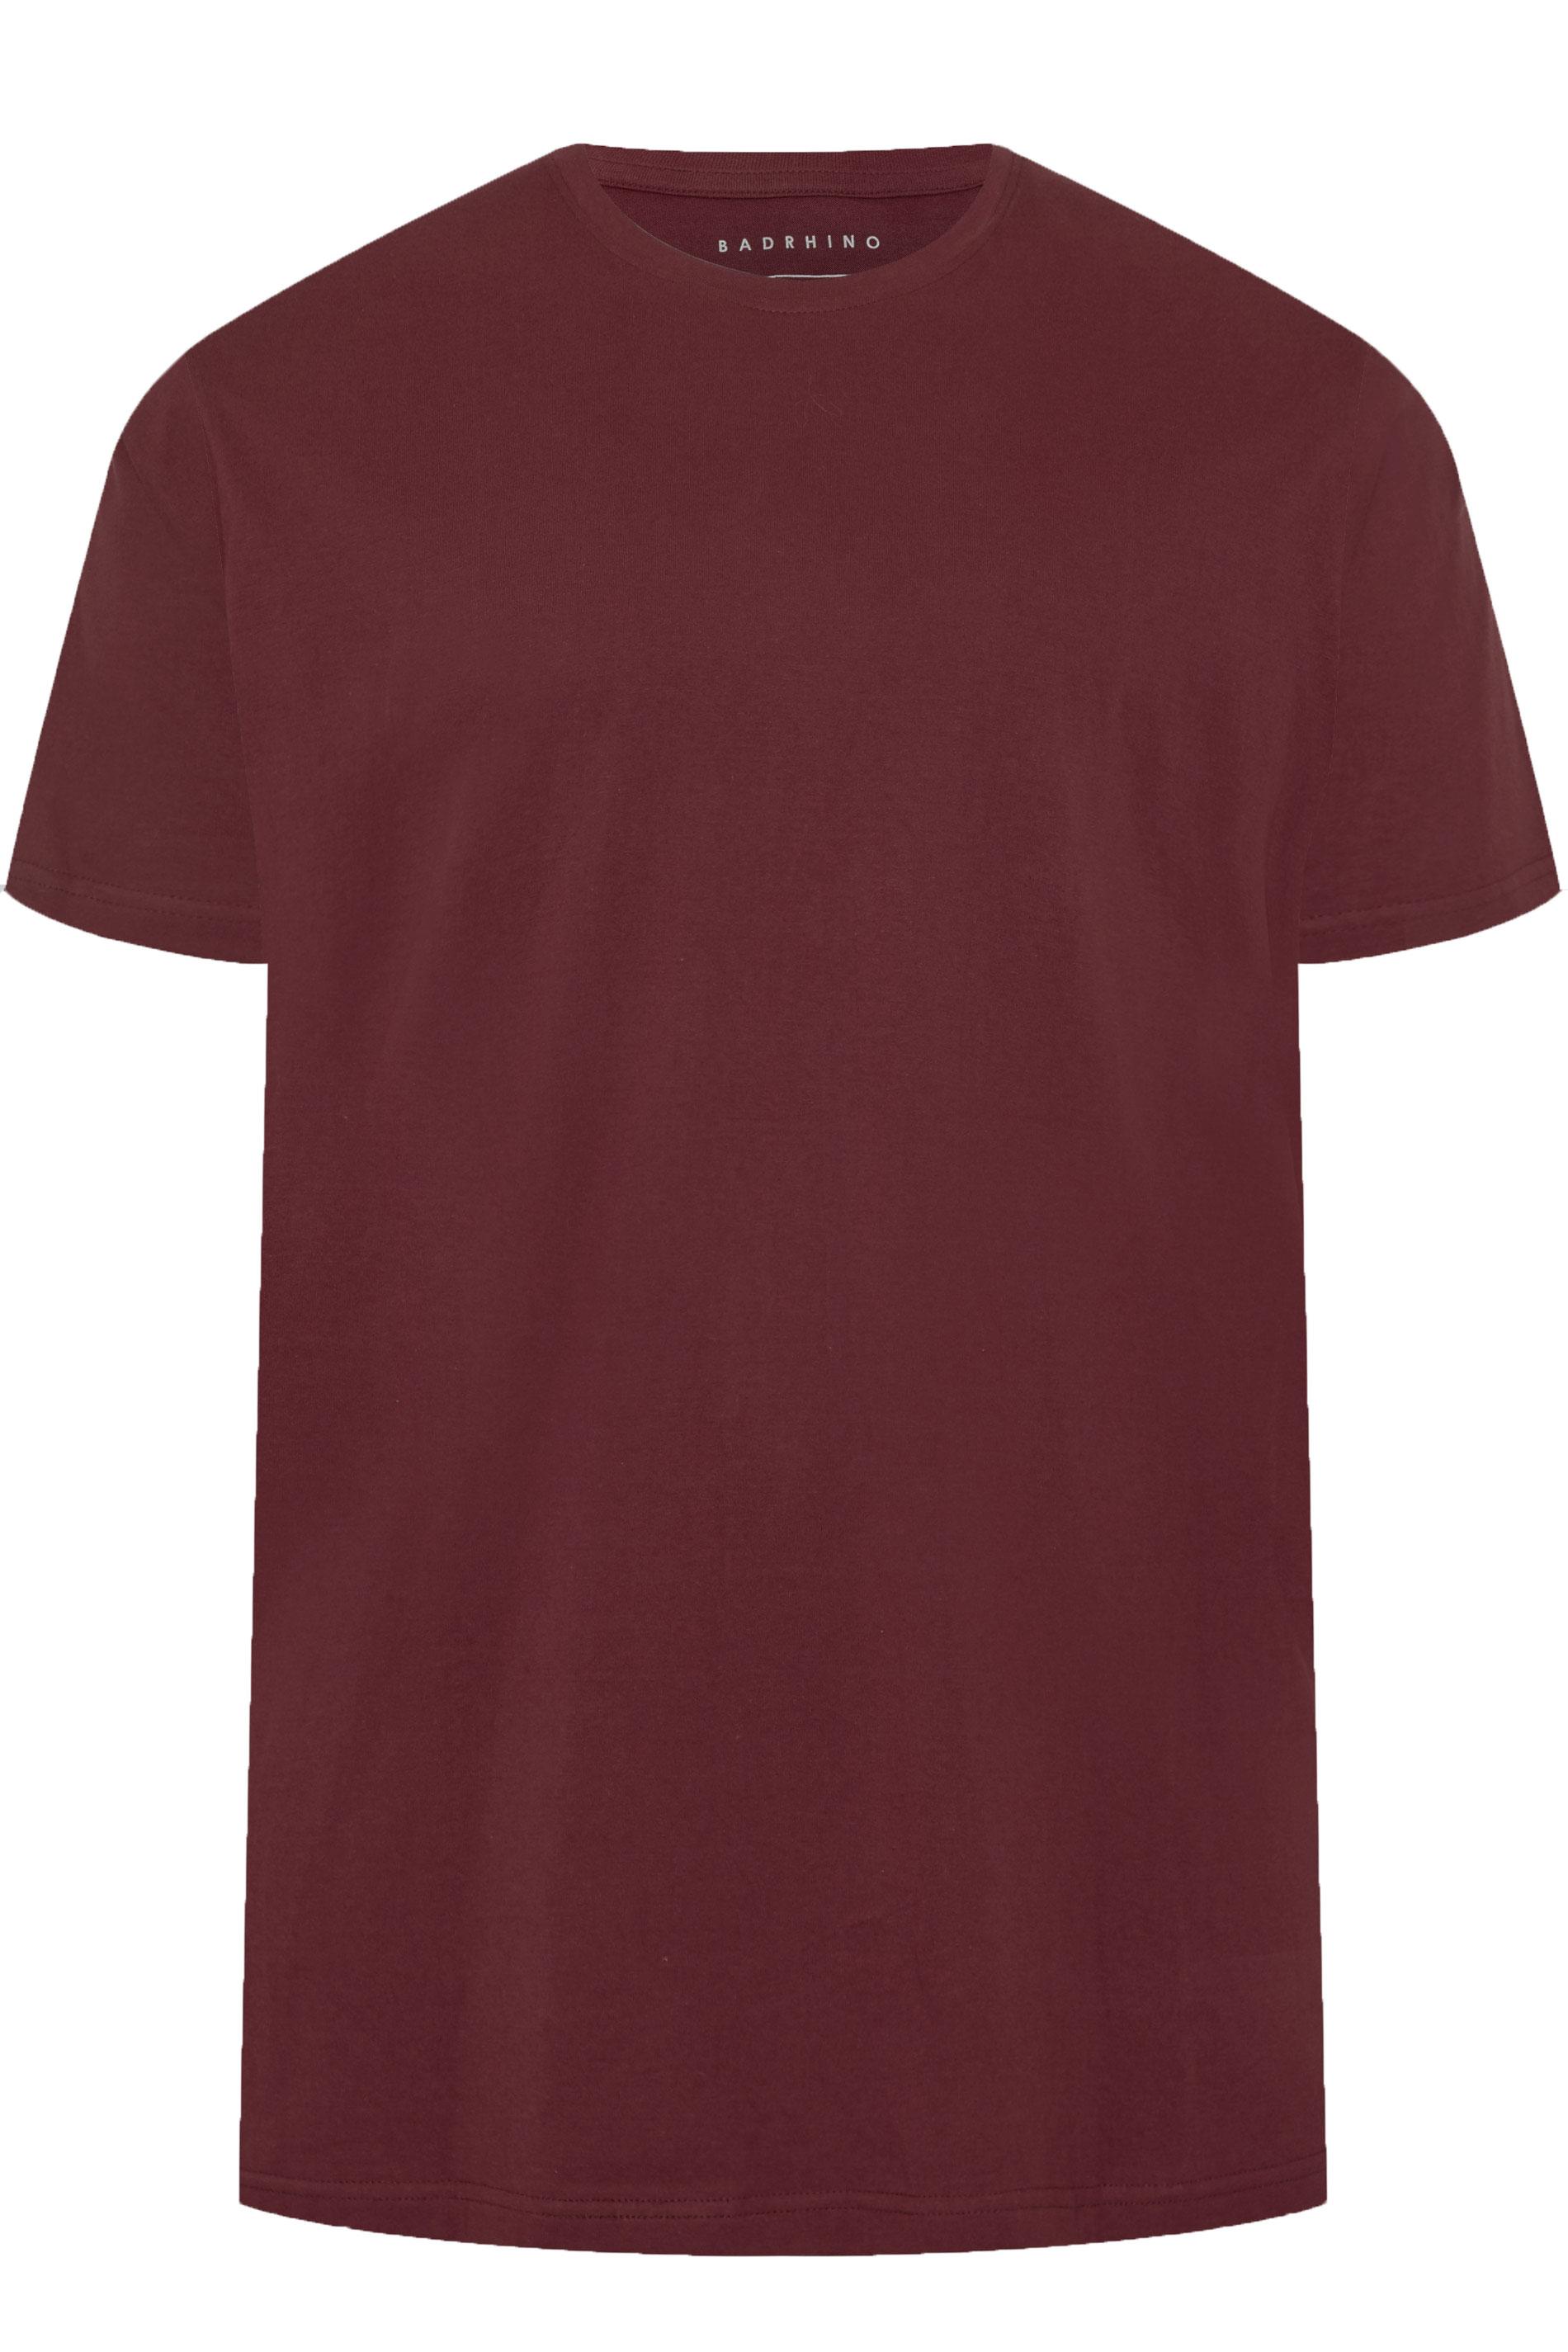 BadRhino Burgundy Embroidered Logo T-Shirt